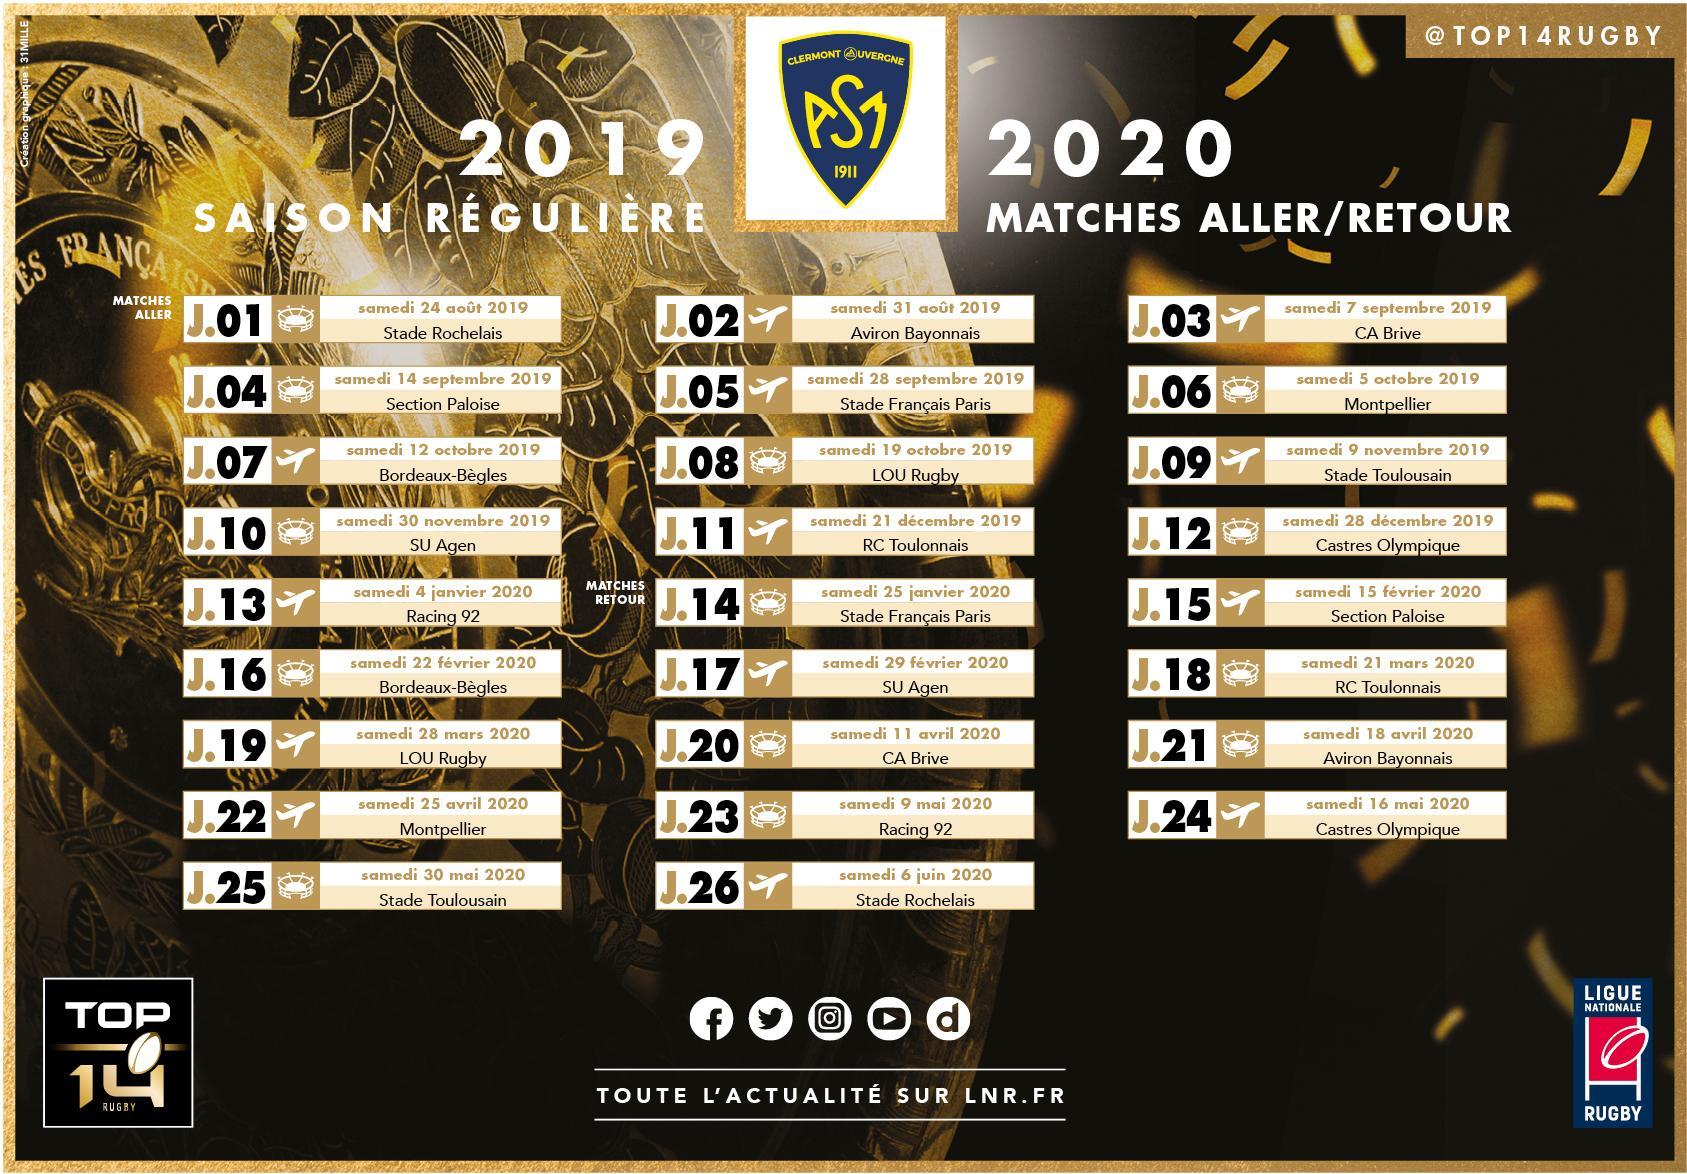 Calendrier Coupe D Europe Rugby 2020.Top 14 Le Calendrier De L Asm Devoile Pour La Saison